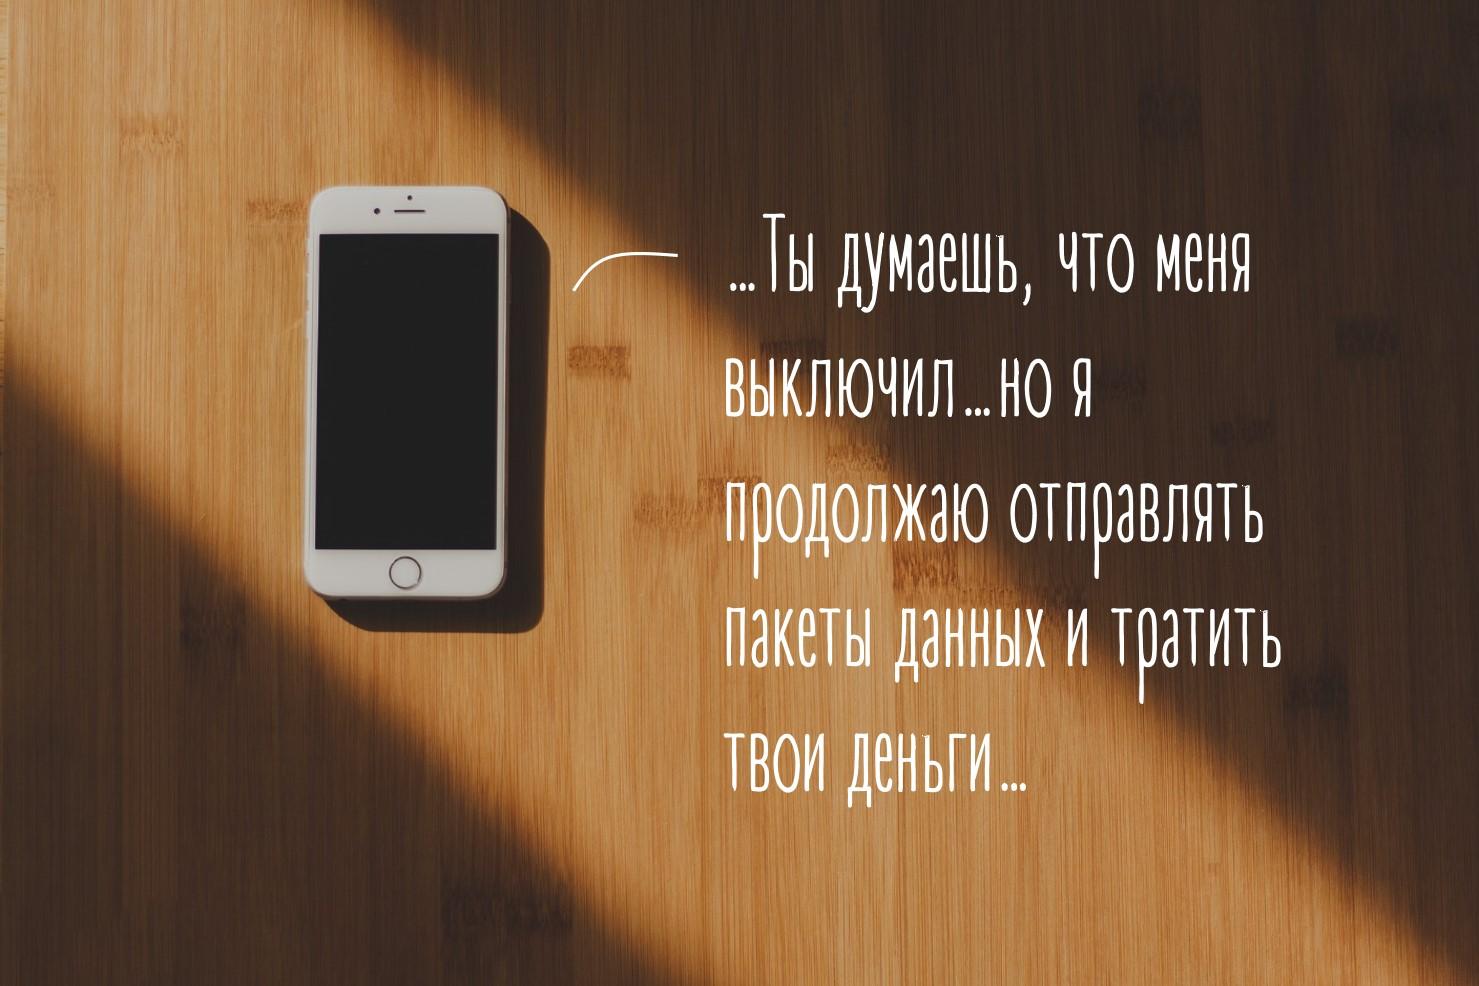 как вернуть деньги https://grosh-blog.ru